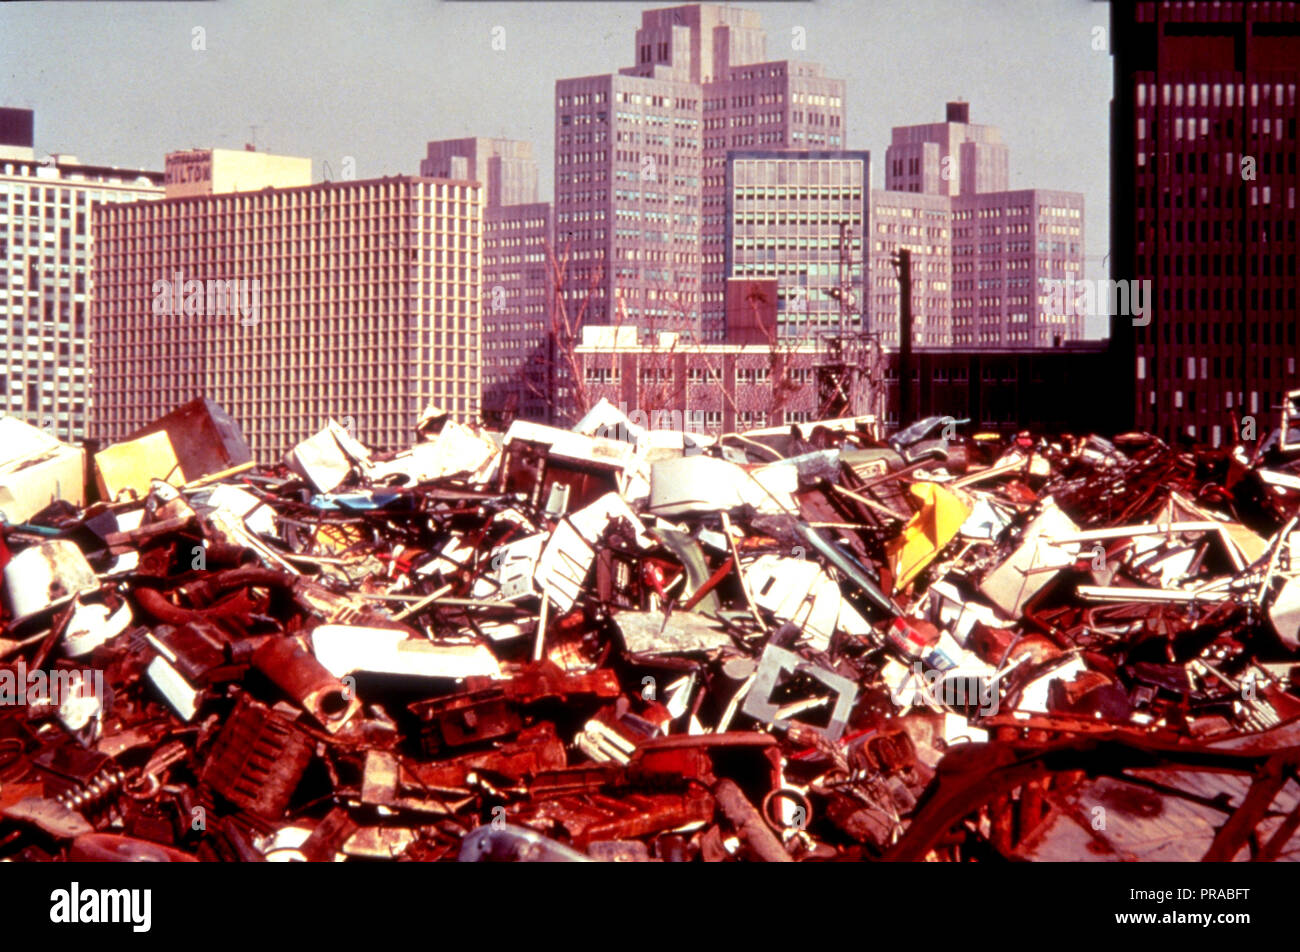 ca. 1998-1999 - trash dump in a major U.S. City - Stock Image